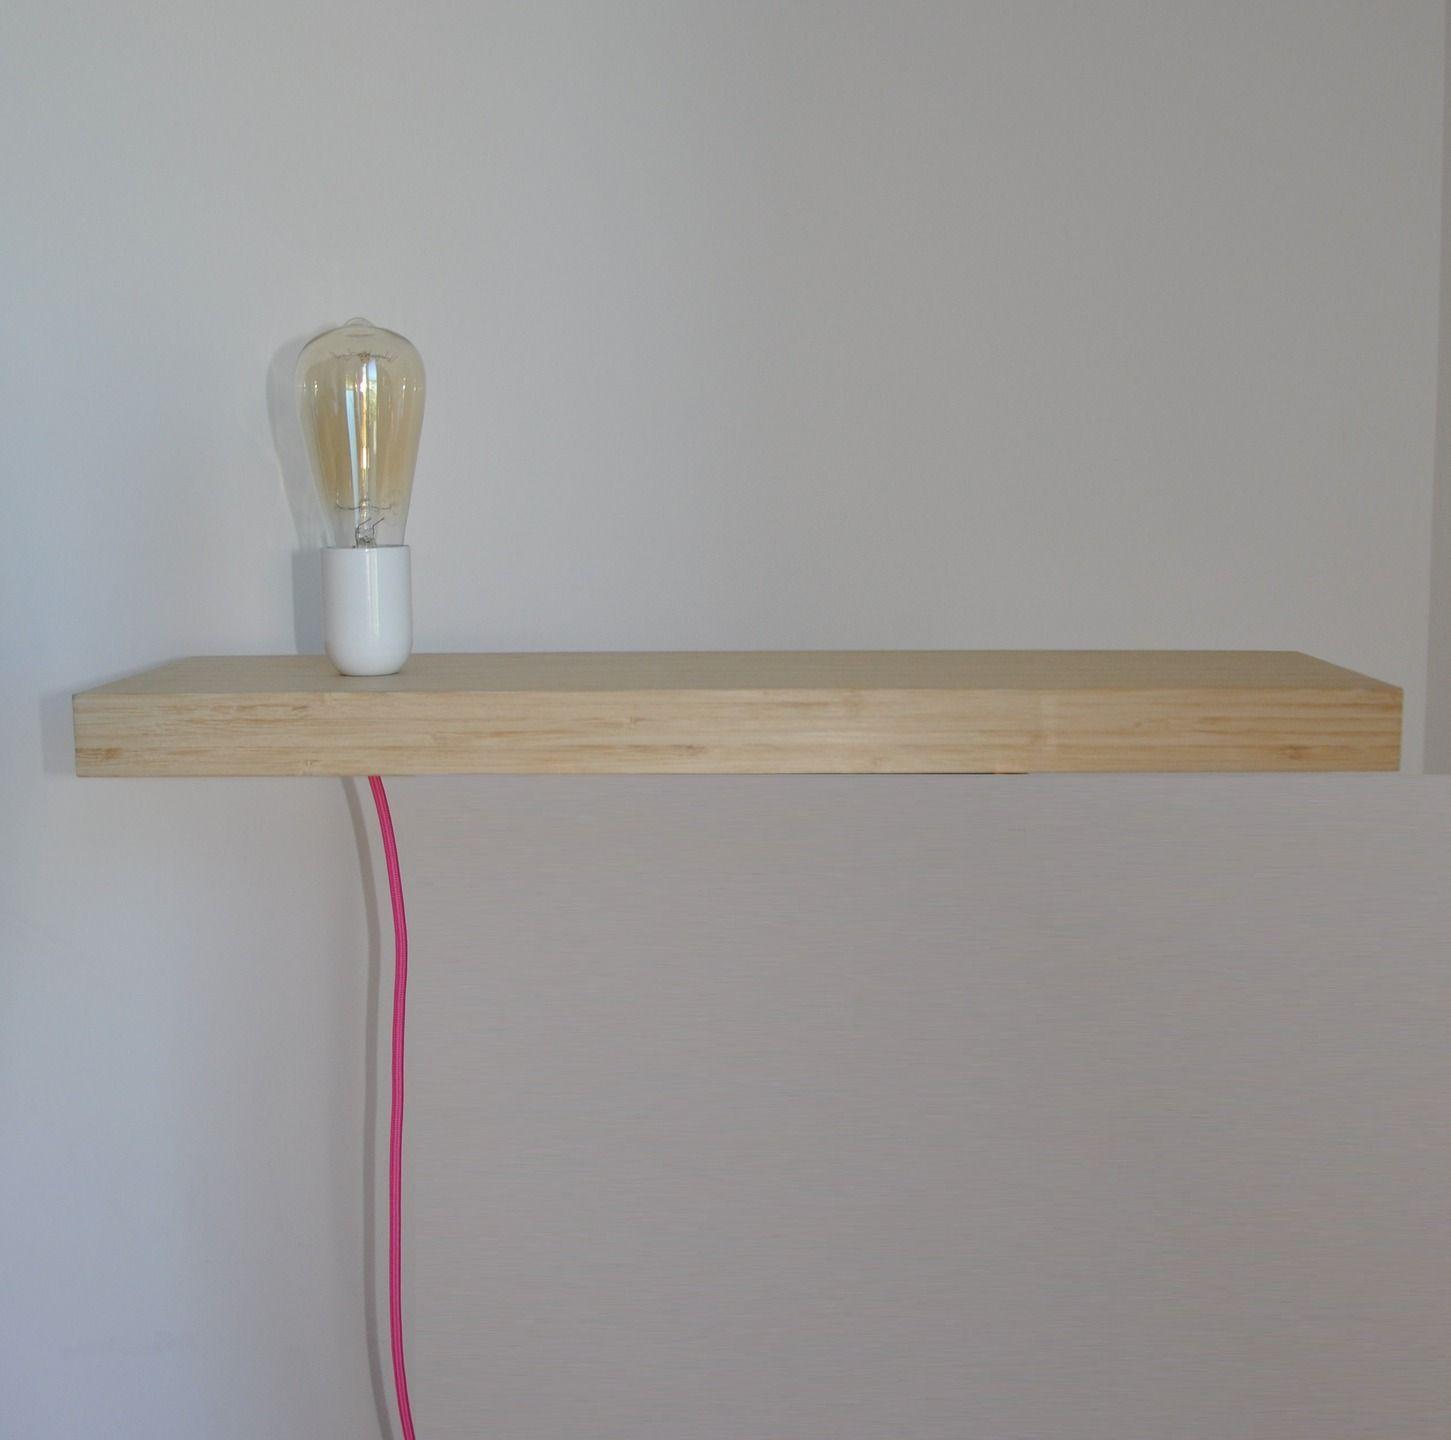 lampe tagre moderne et design ampoule dco table de nuit vide poche - Table De Nuit Etagere